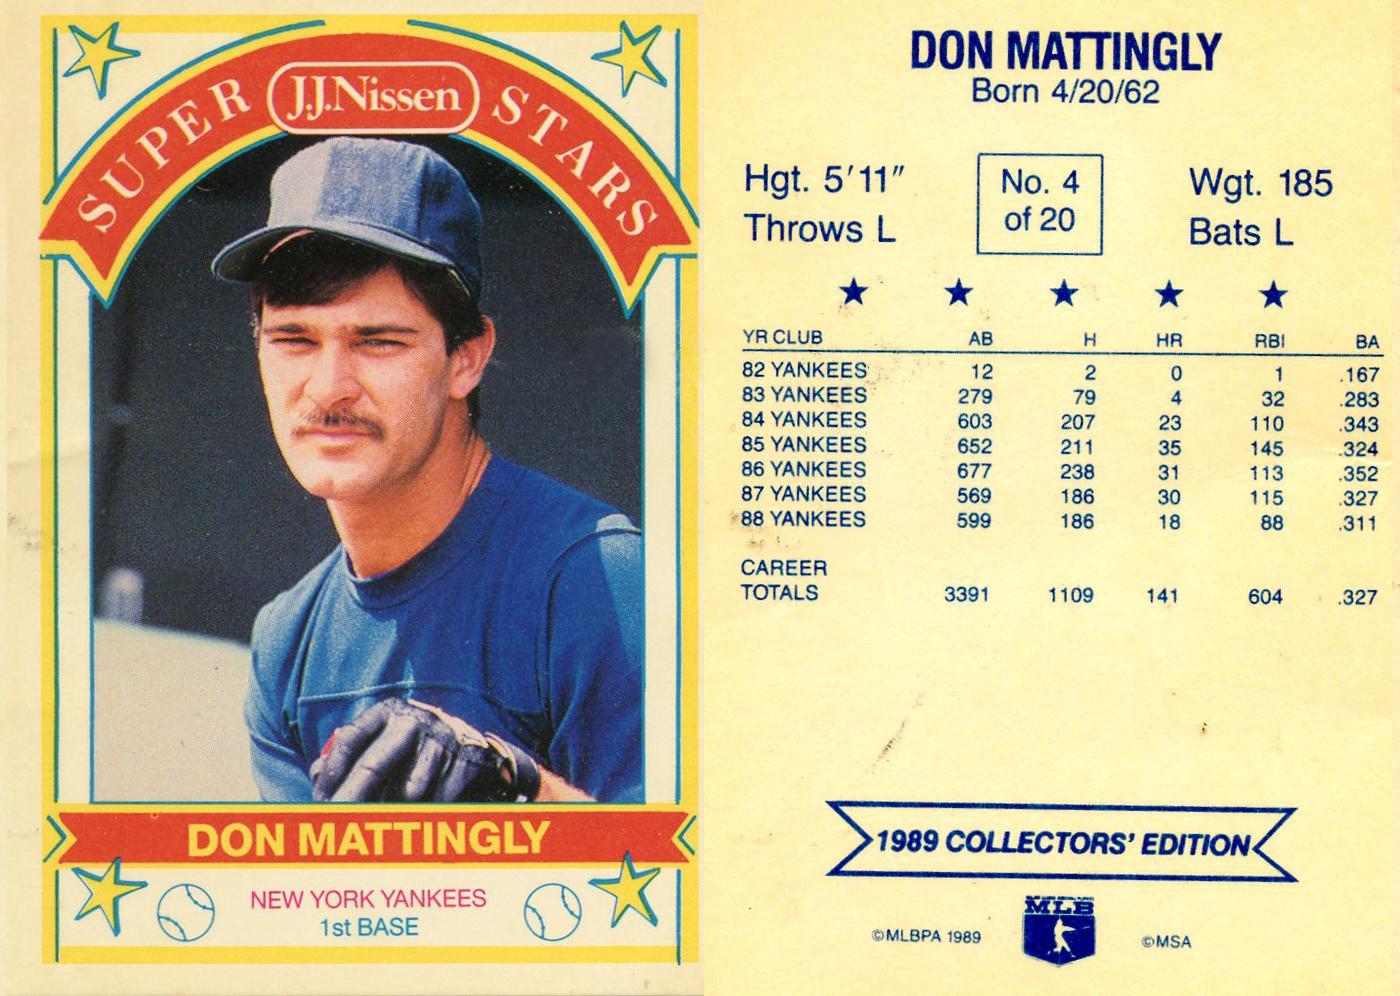 Scanned Vintage Graphics Jj Nissen Baseball Card Don Mattingly